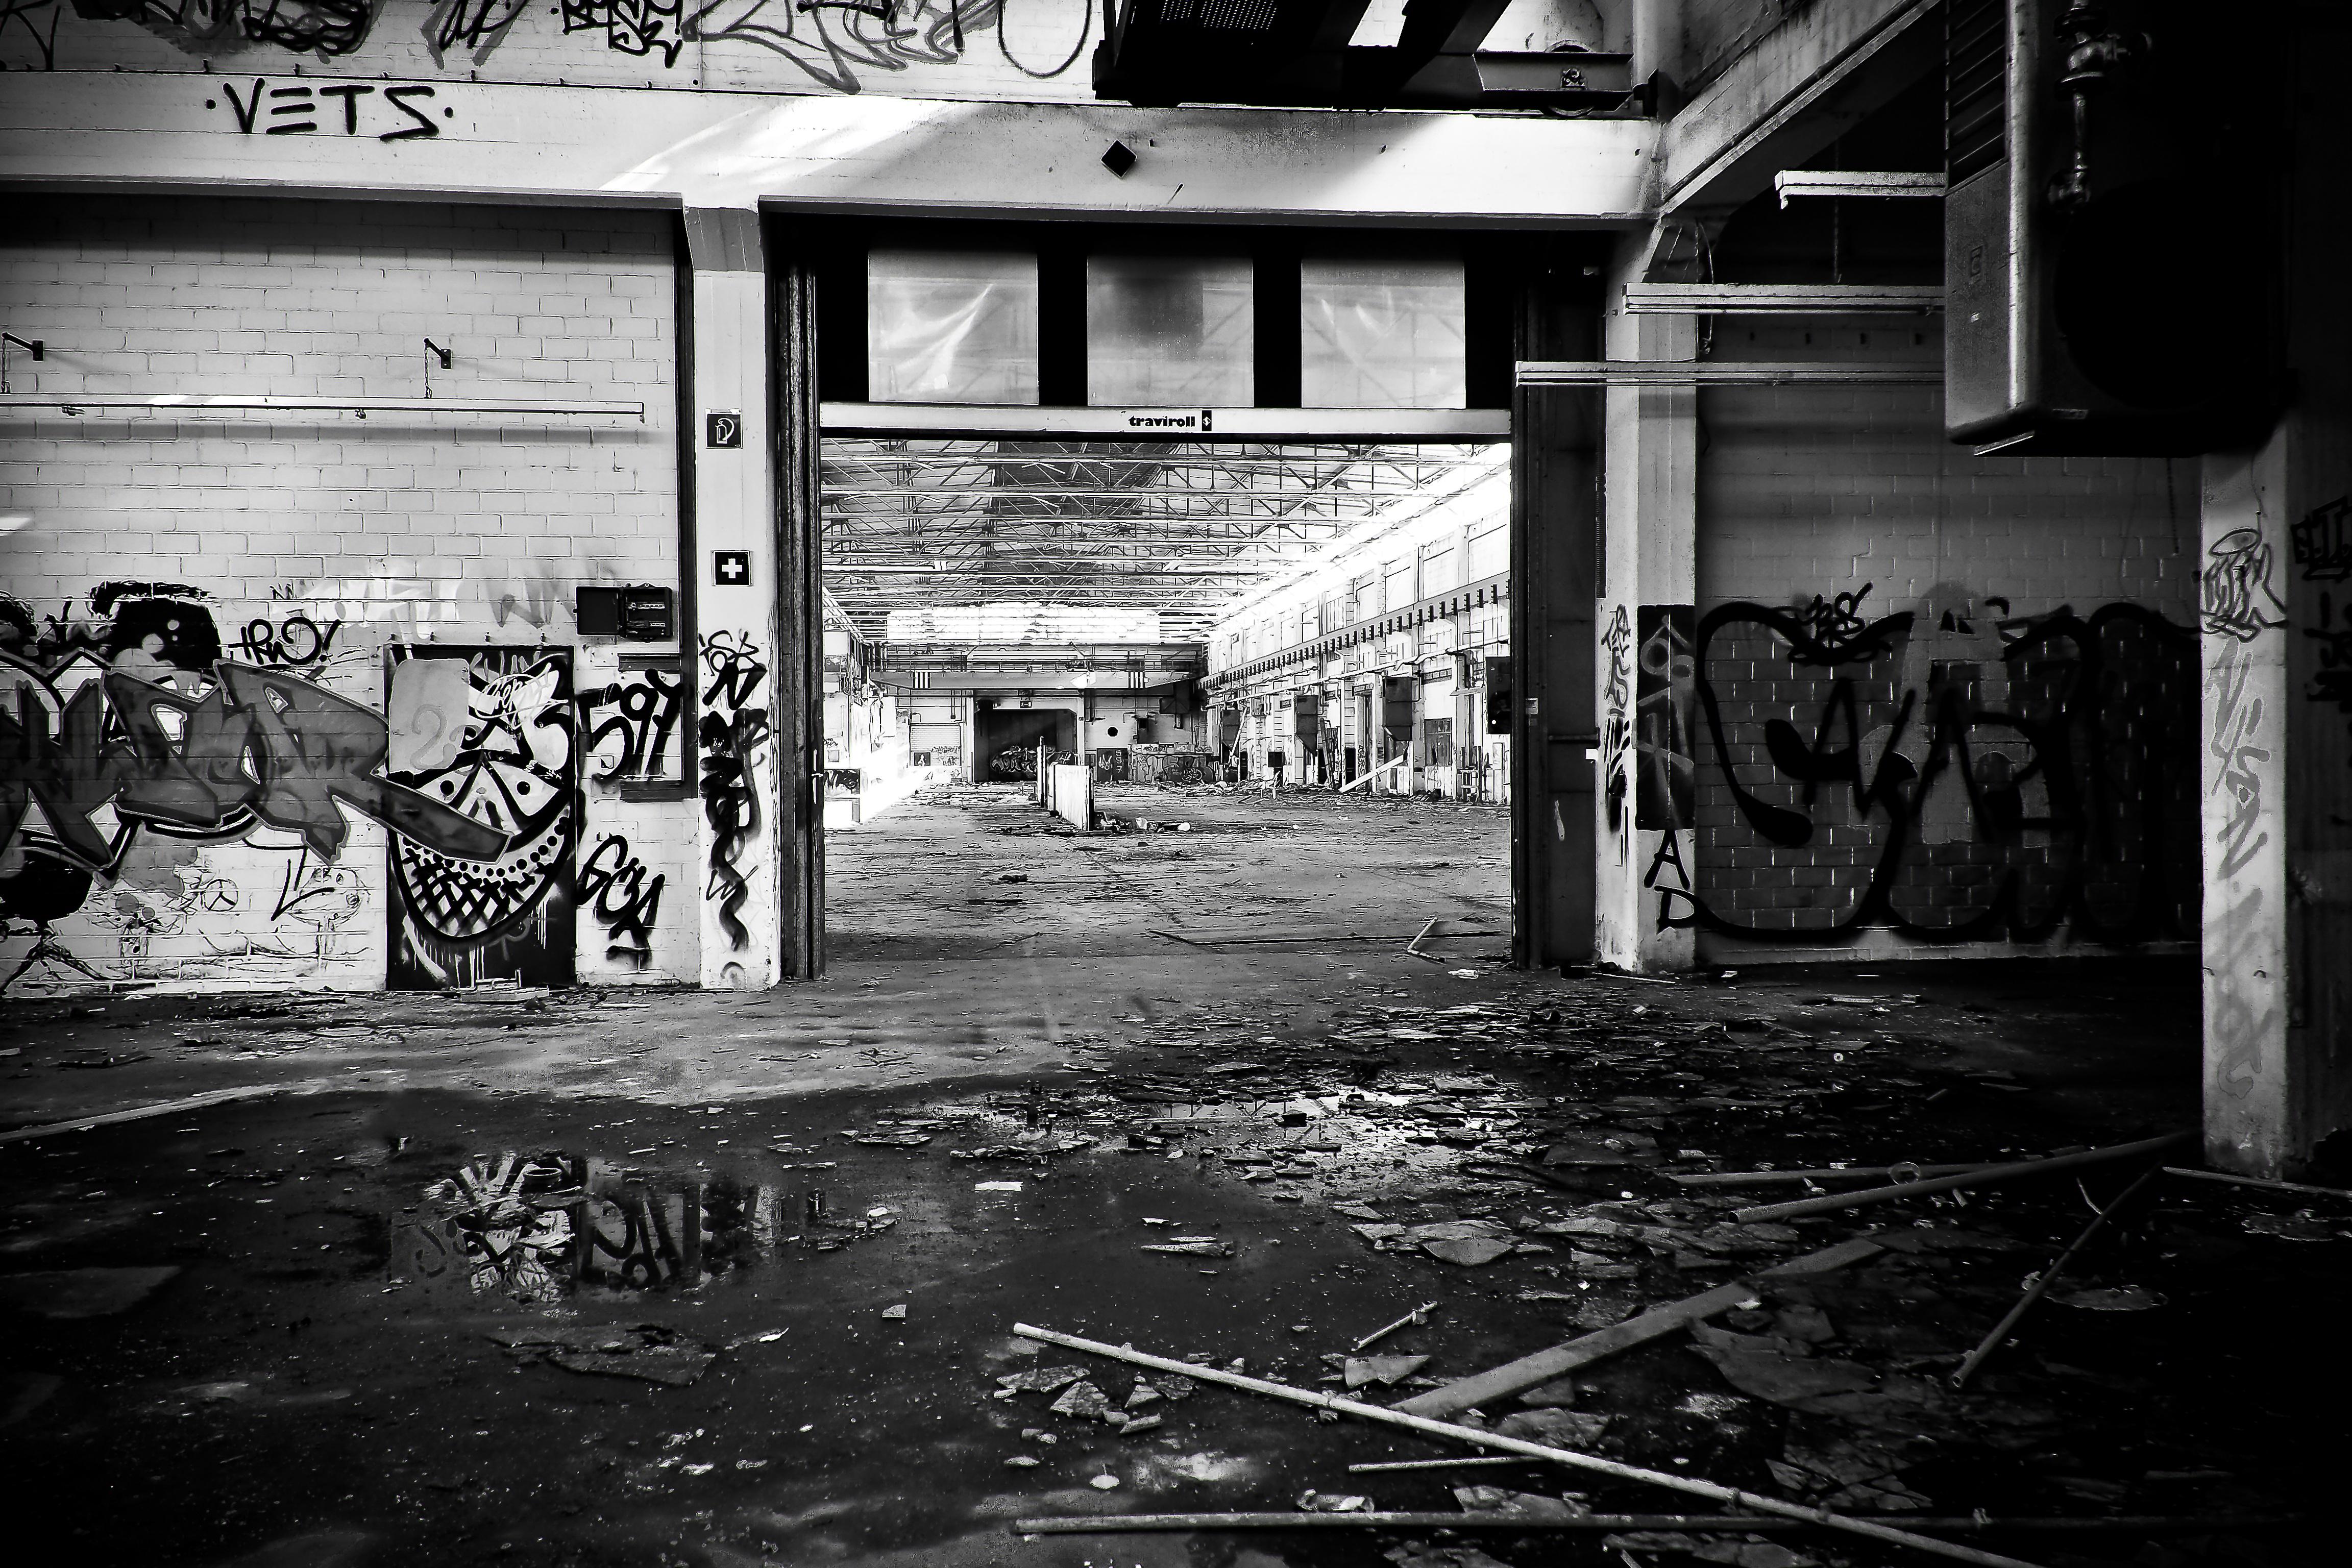 стойкие изображния фотографии граффити черно белые них